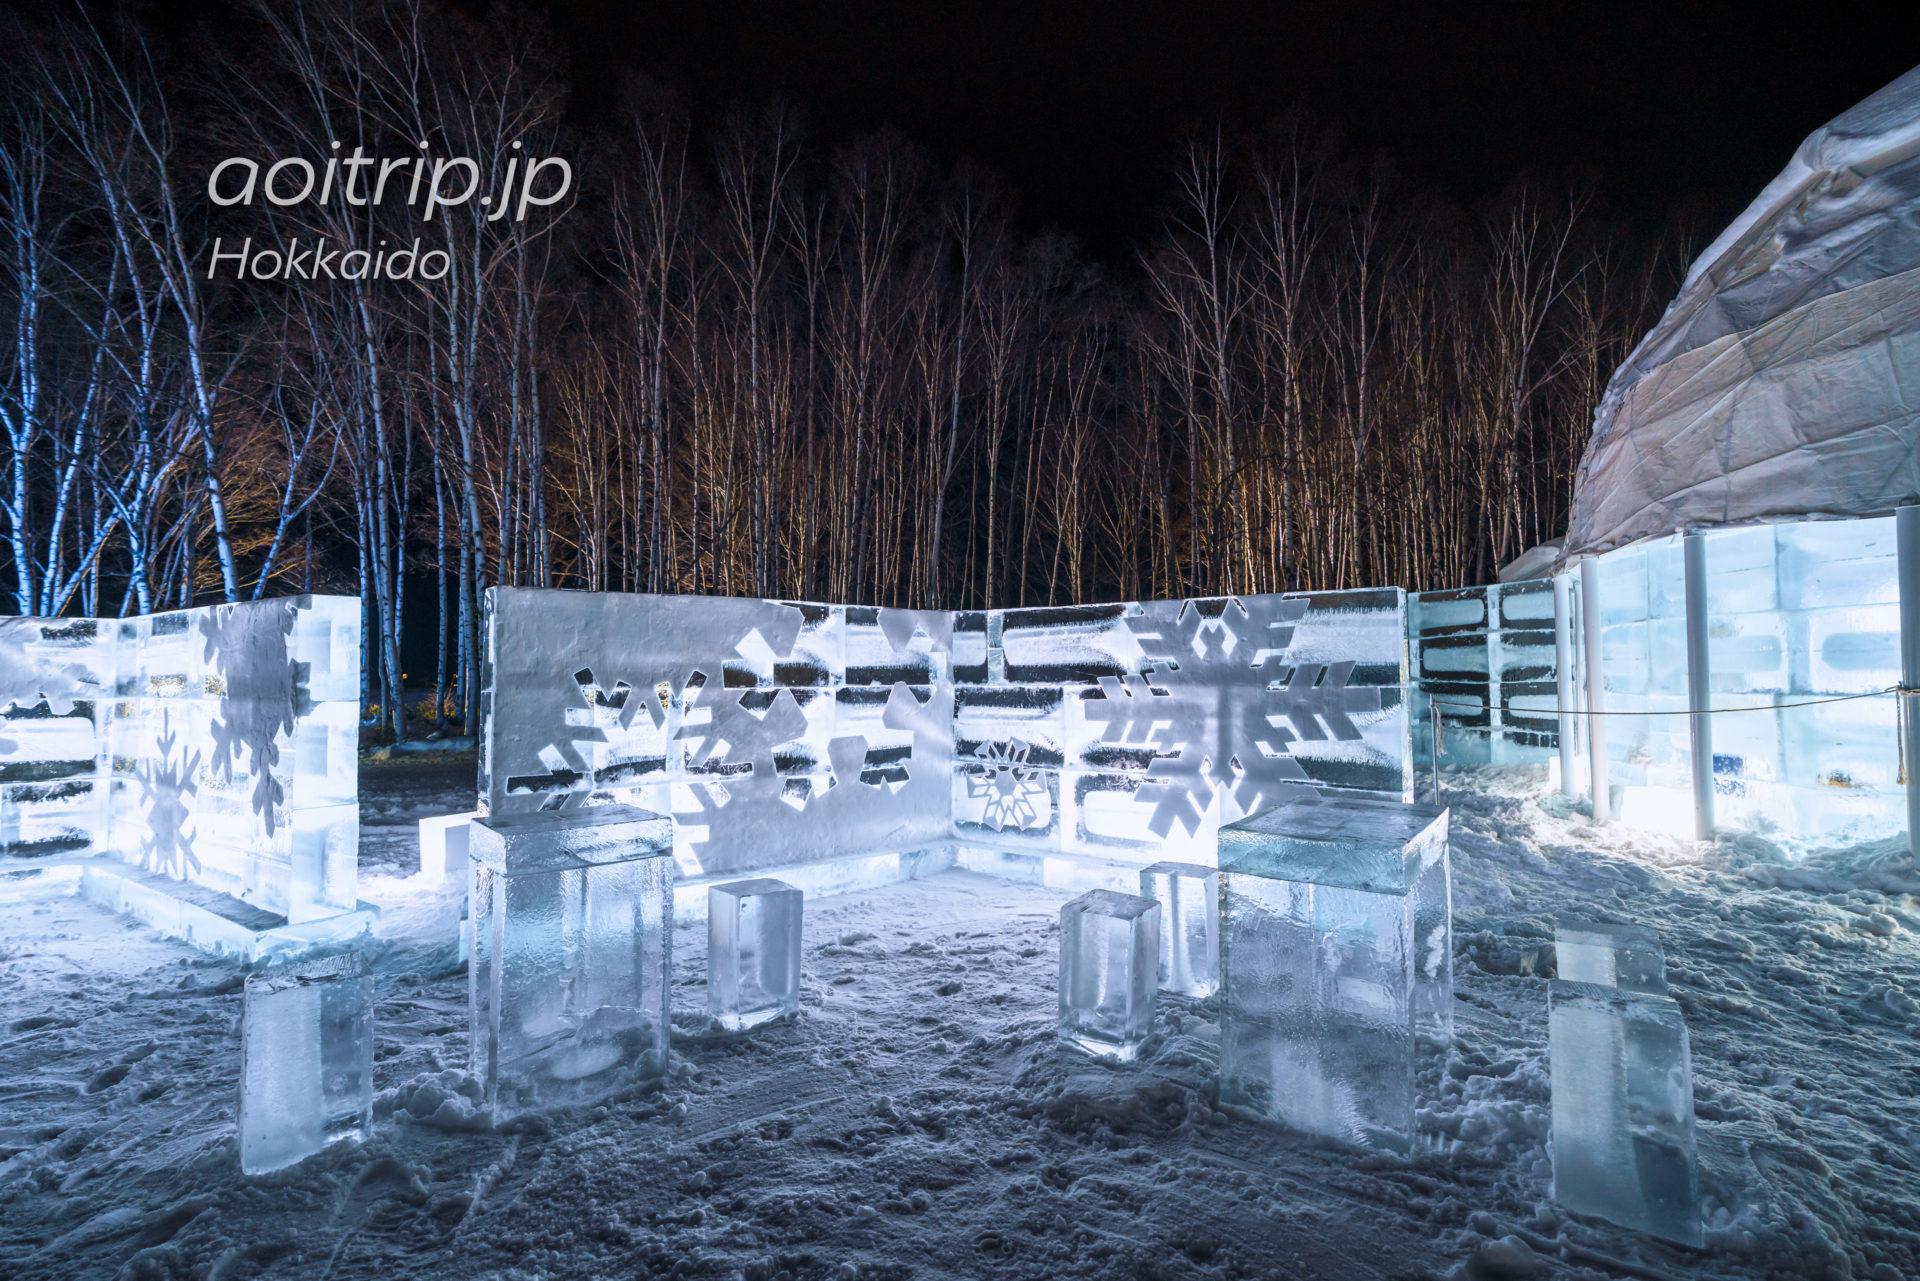 アイスヴィレッジの氷のテラス